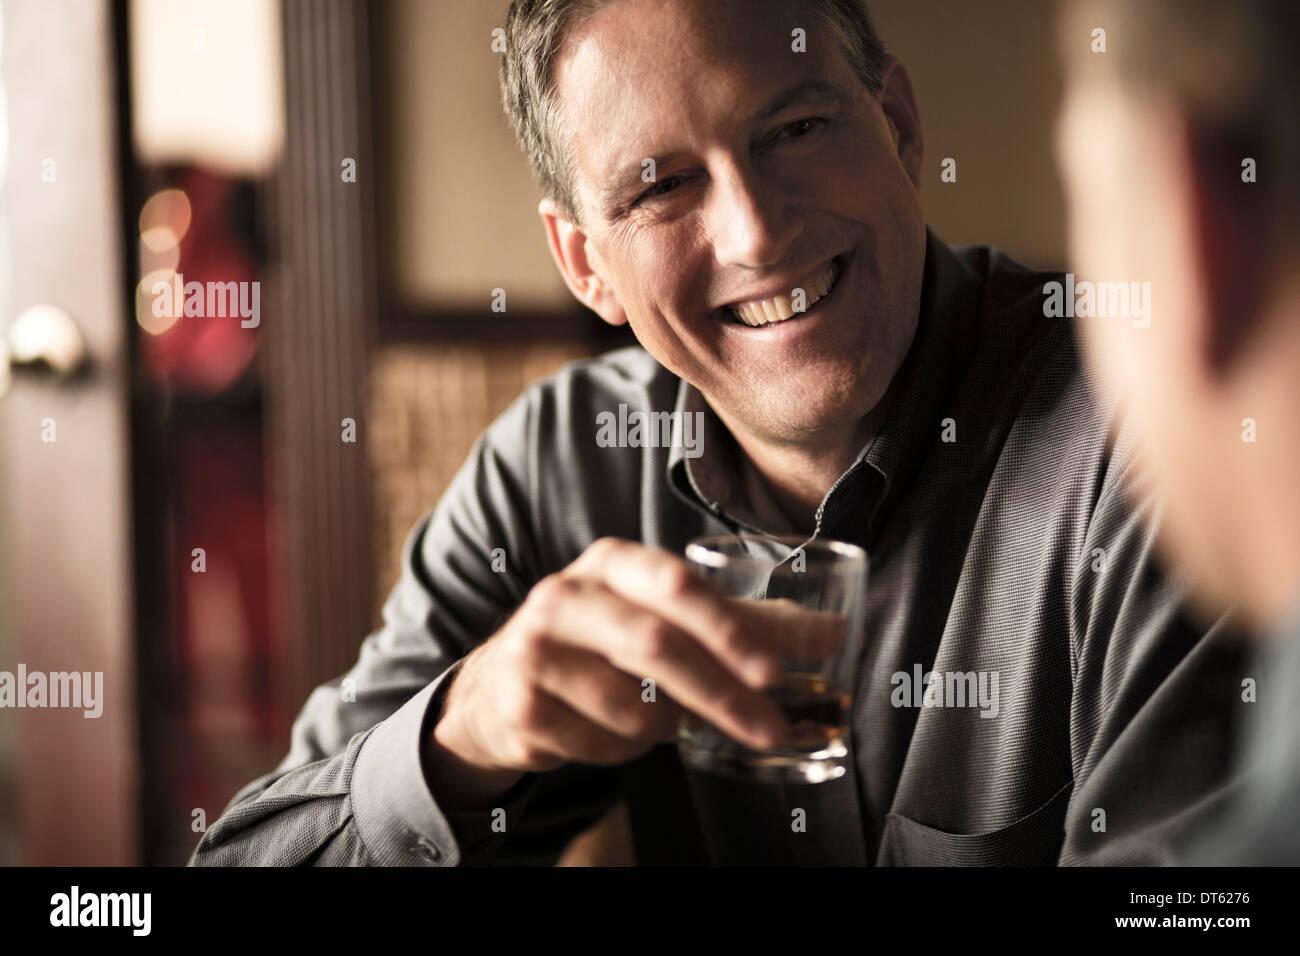 Colleghi di lavoro che condividono un drink nel wine bar Immagini Stock